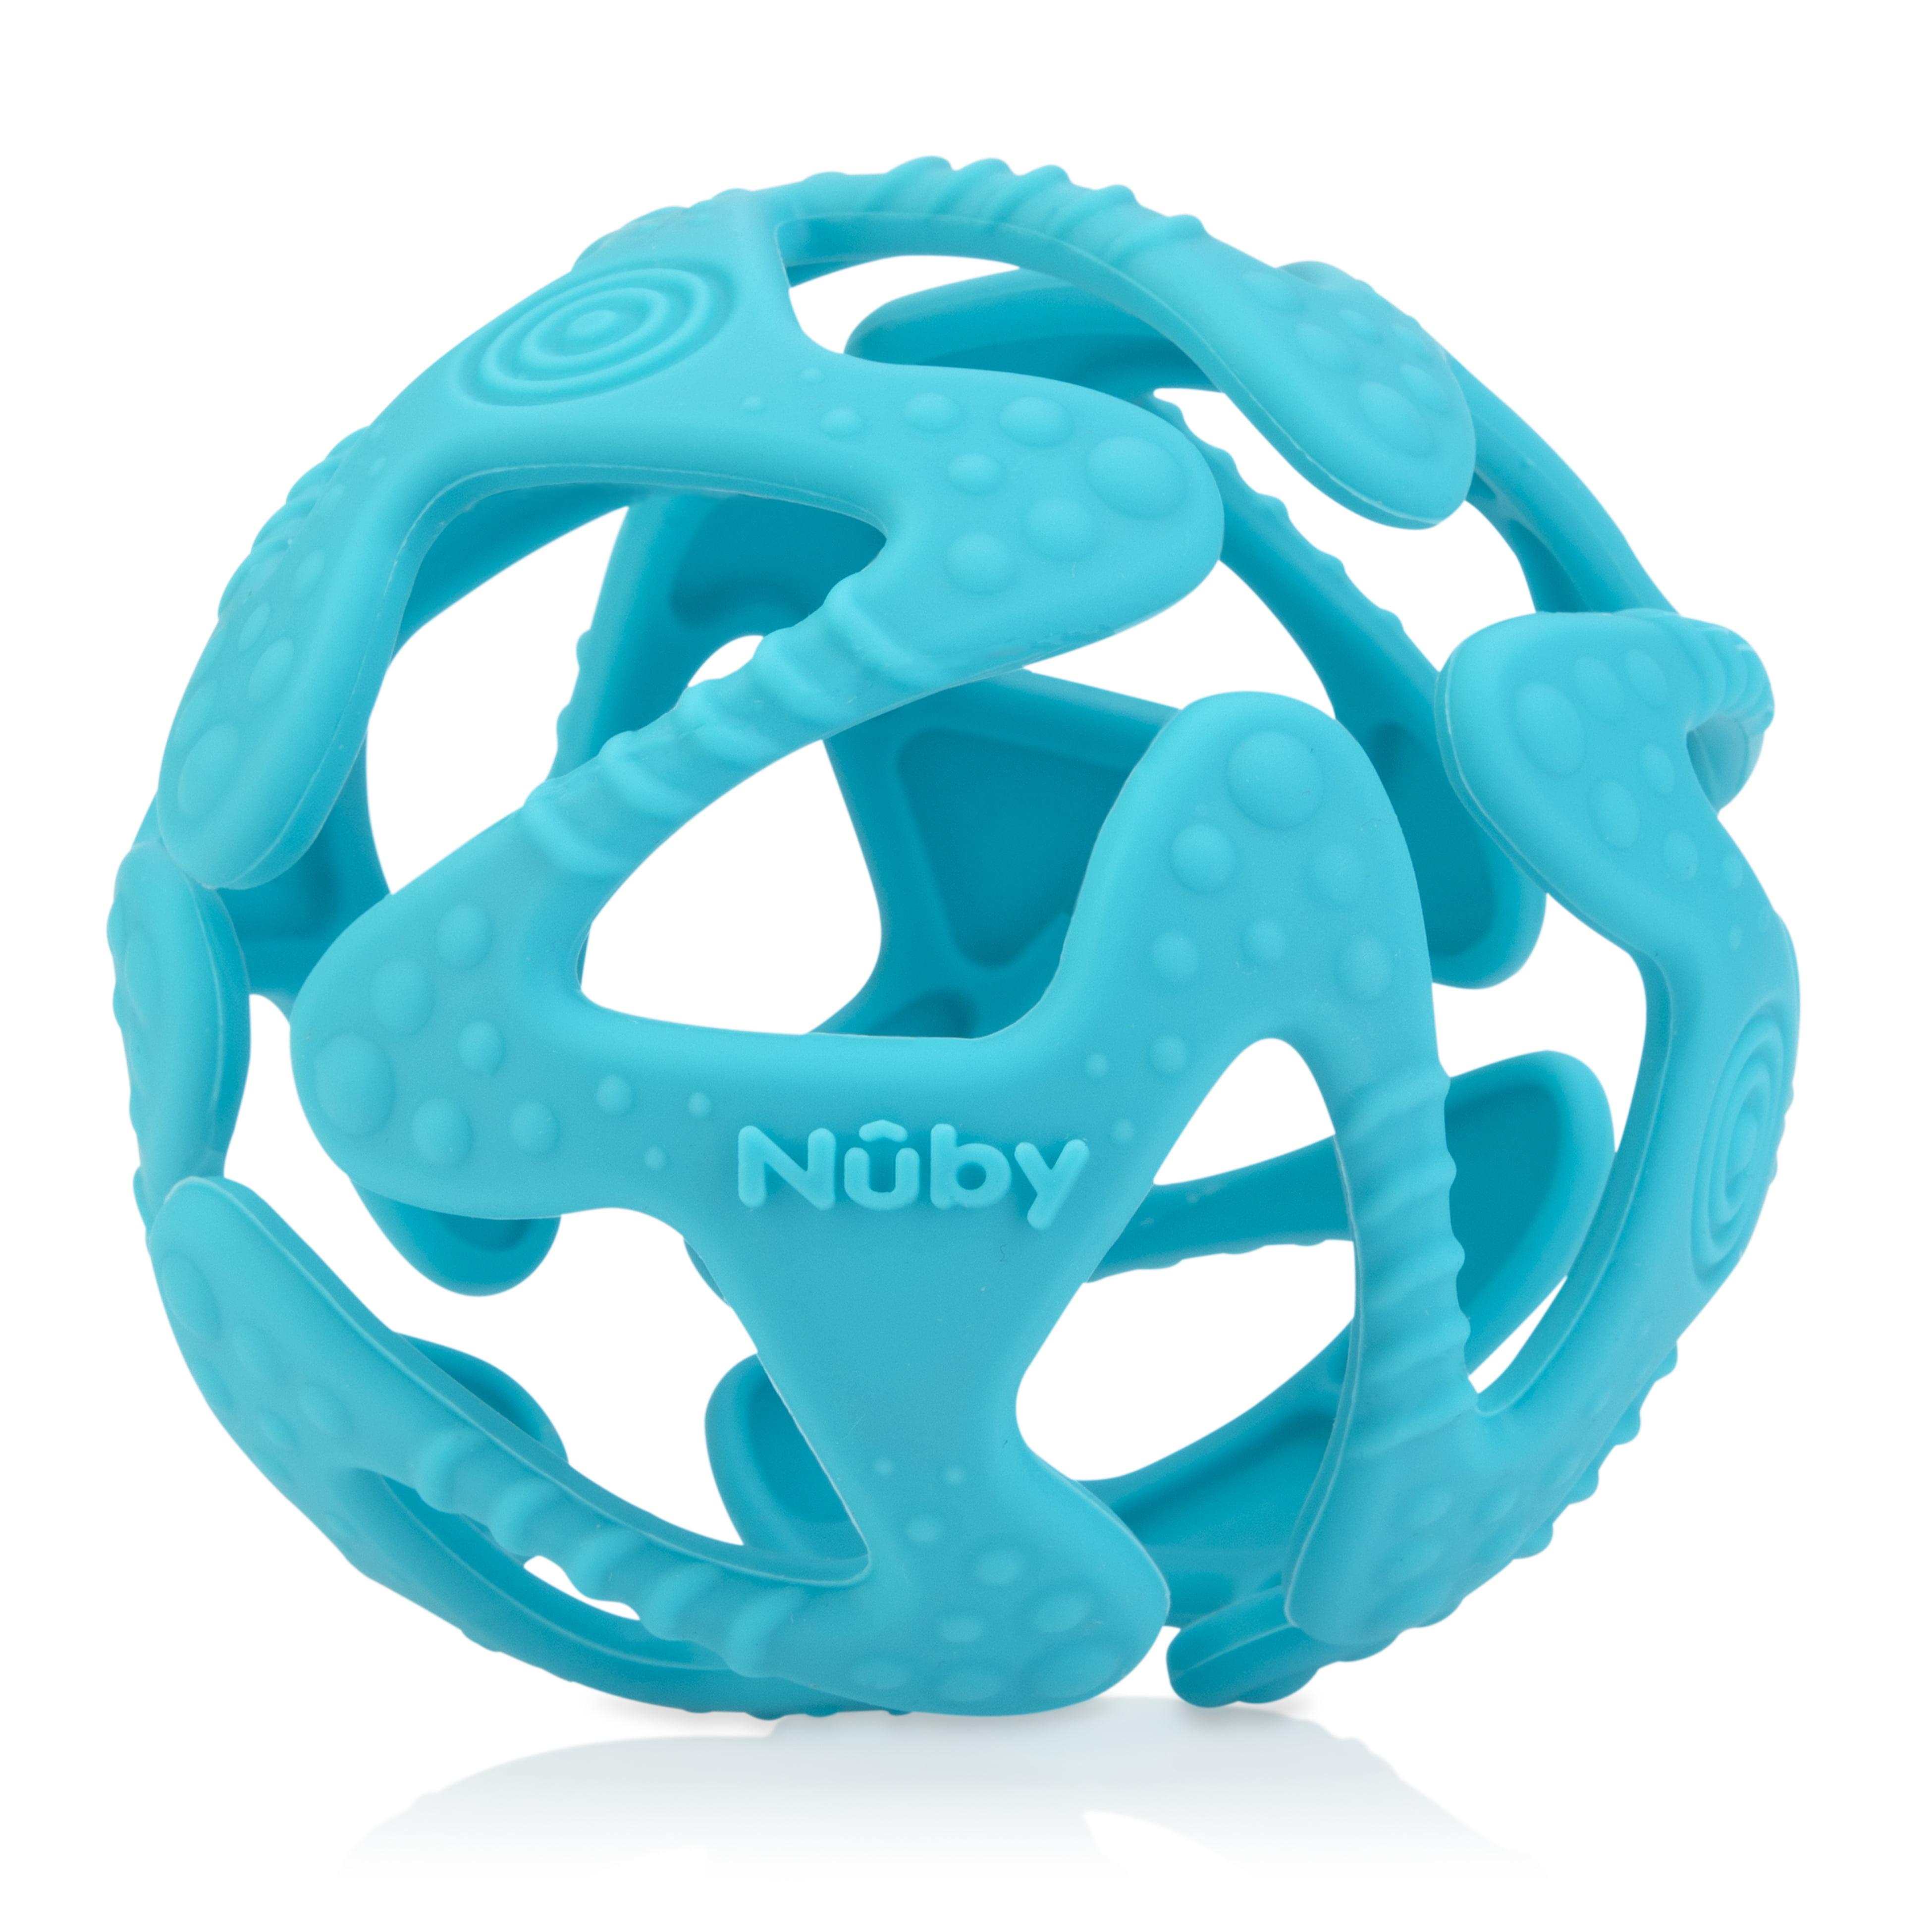 Nuby Silicone Tuggy Ball, Aqua